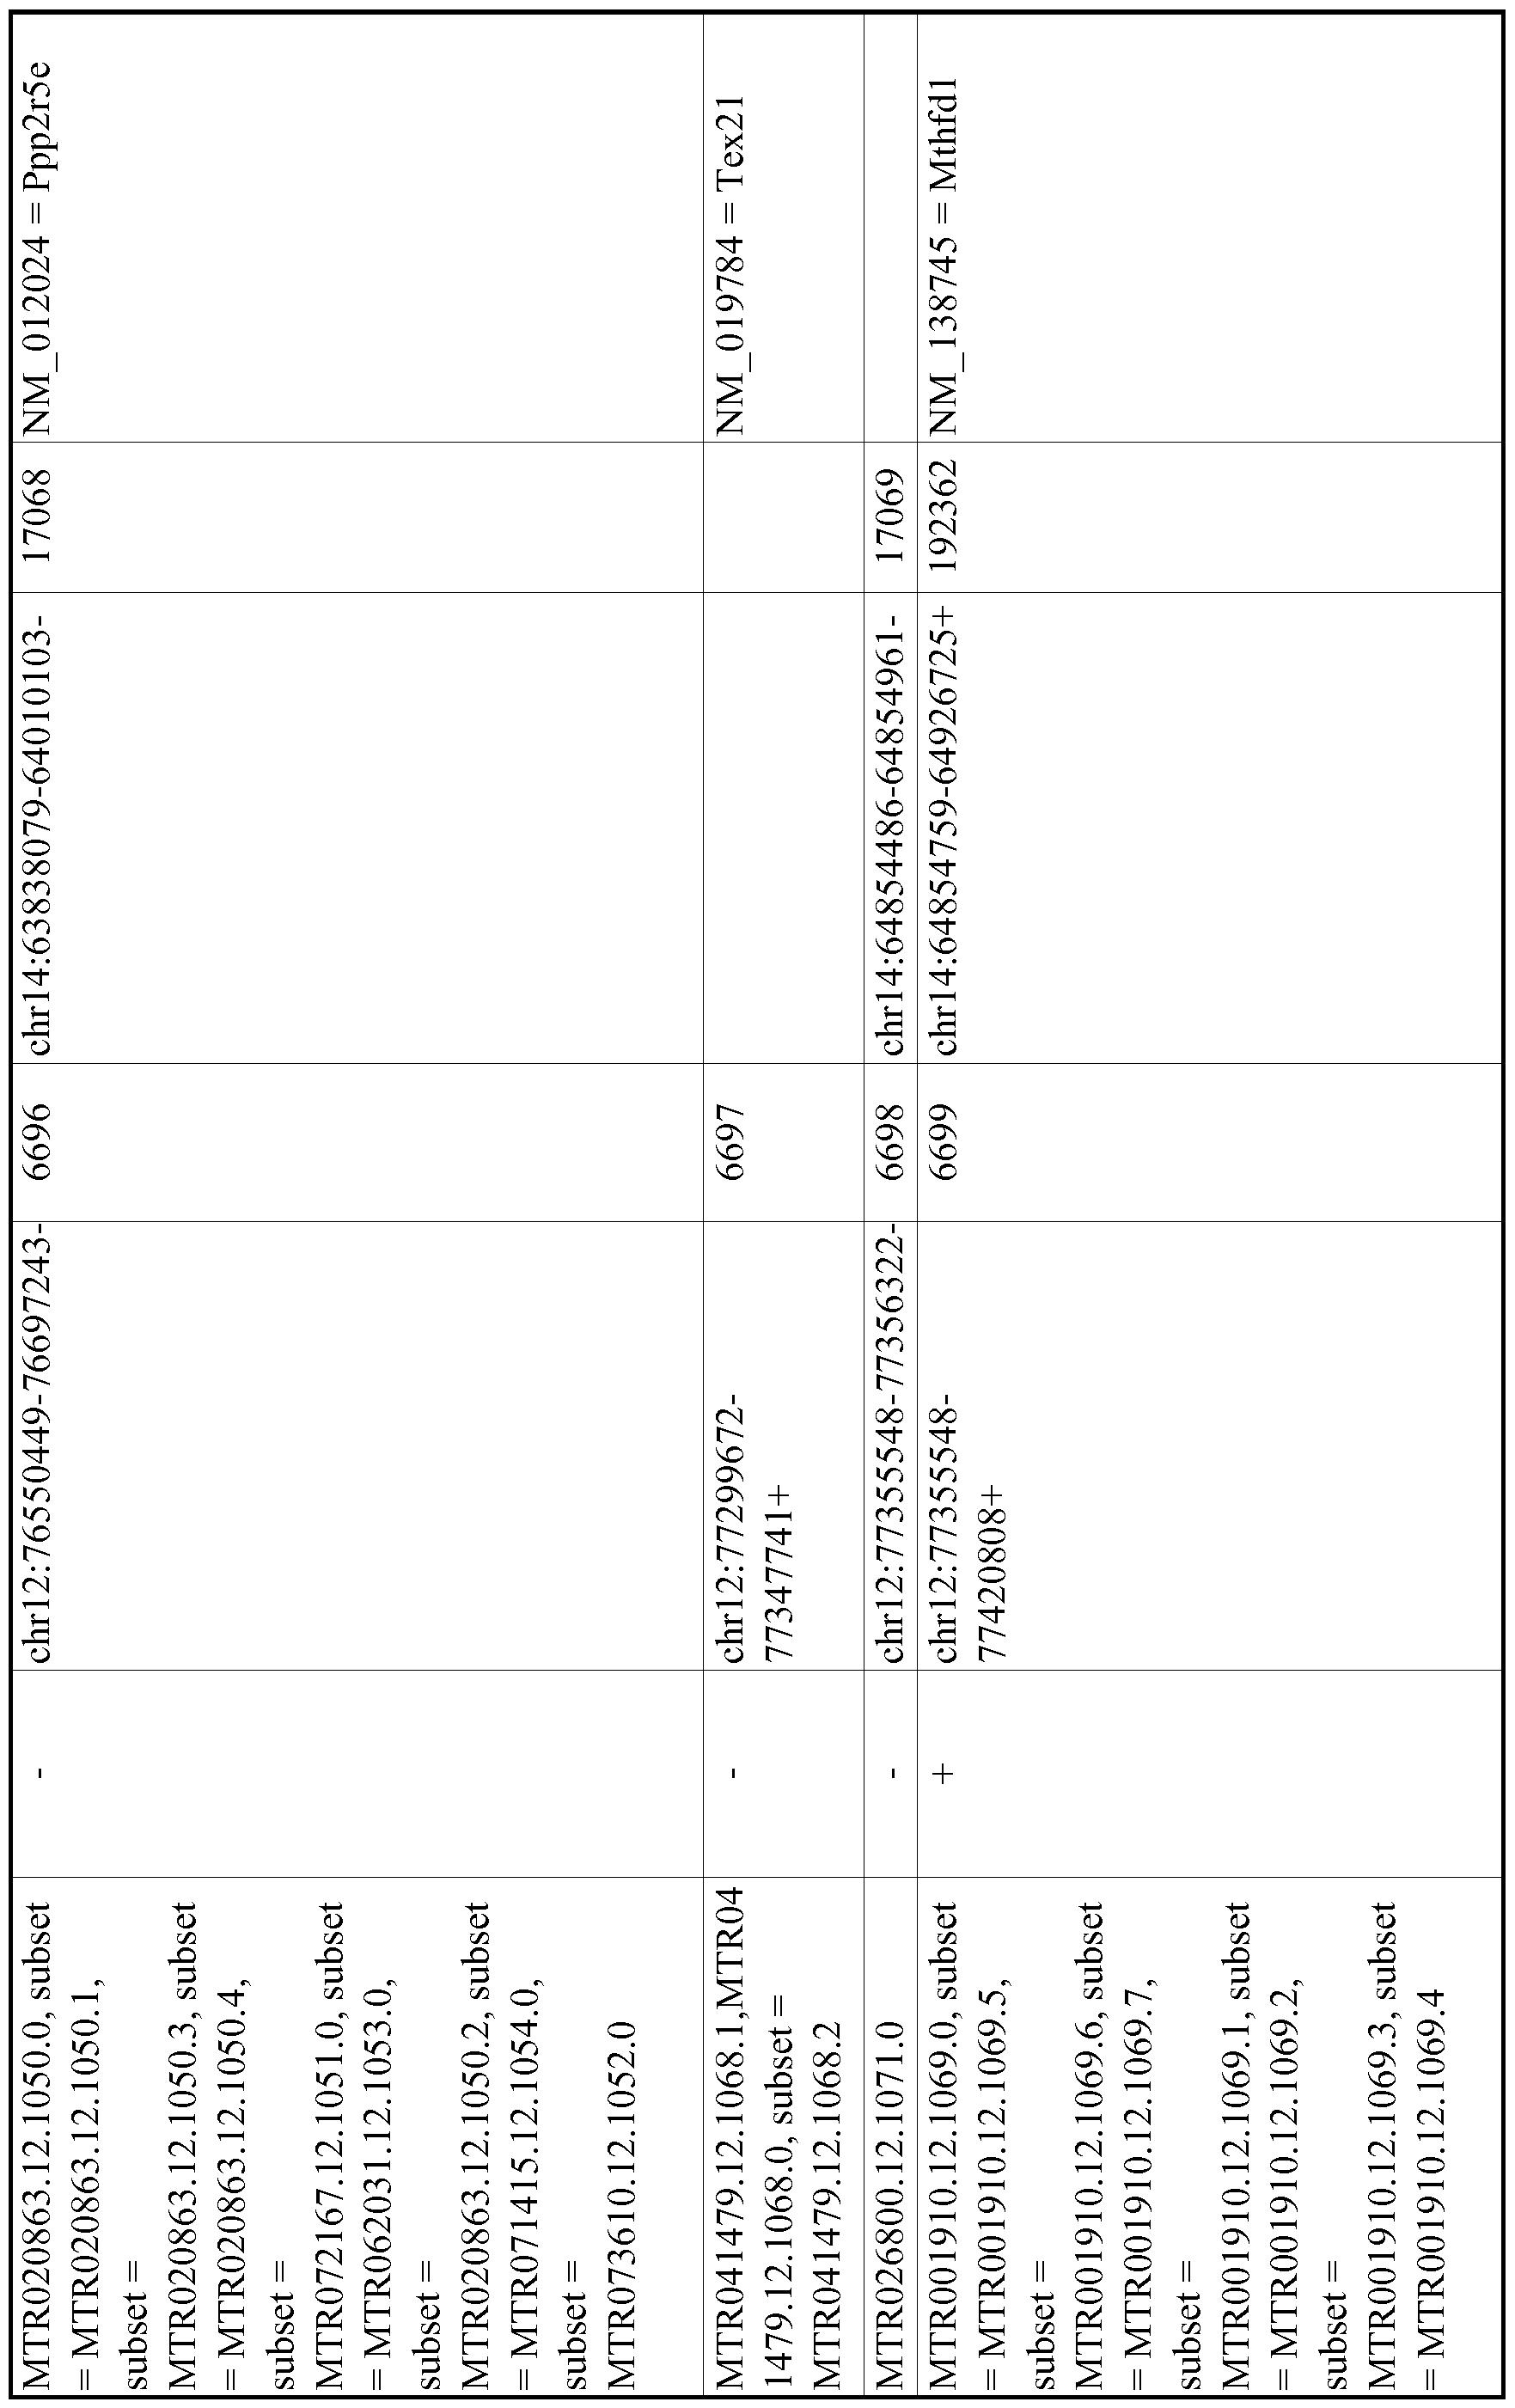 Figure imgf001194_0001